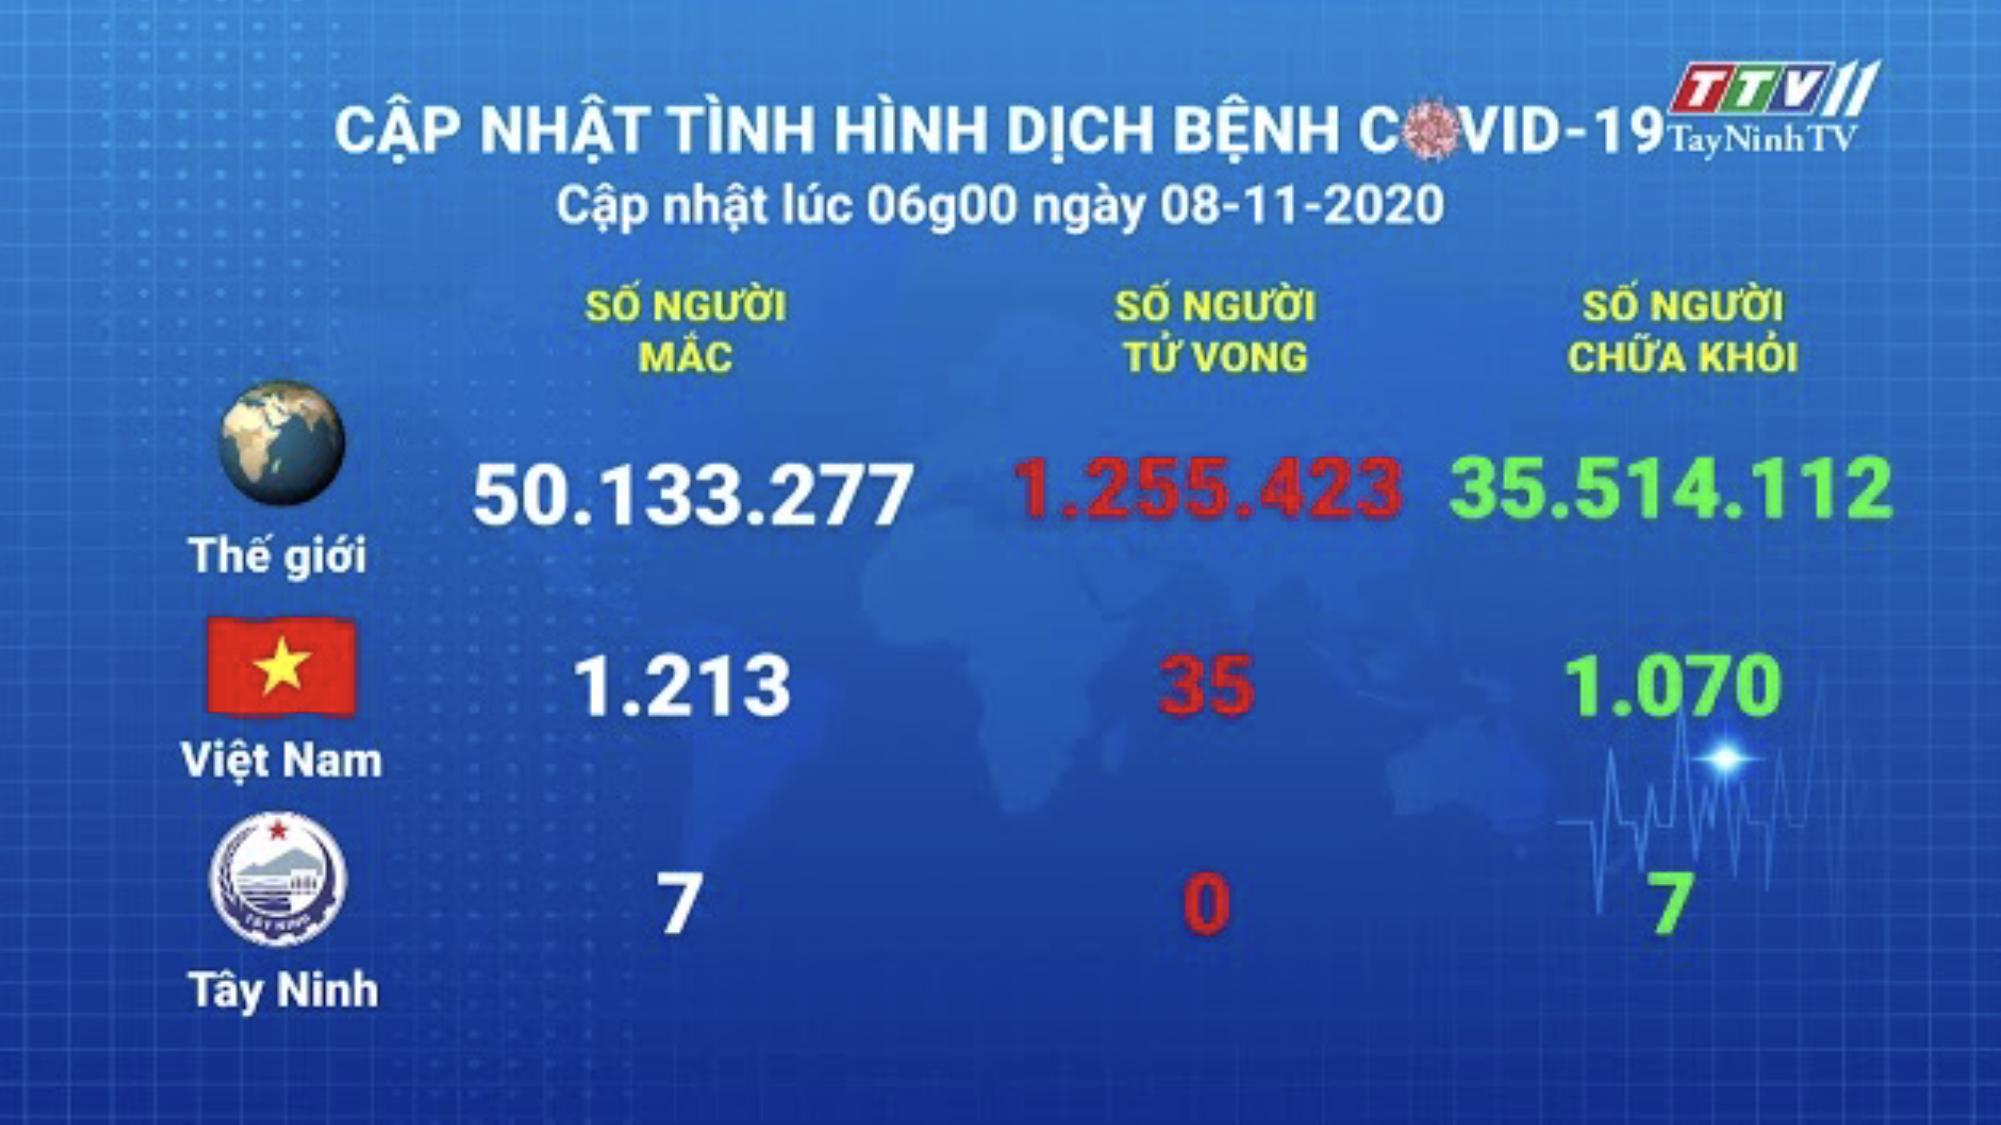 Cập nhật tình hình Covid-19 vào lúc 06 giờ 08-11-2020 | Thông tin dịch Covid-19 | TayNinhTV